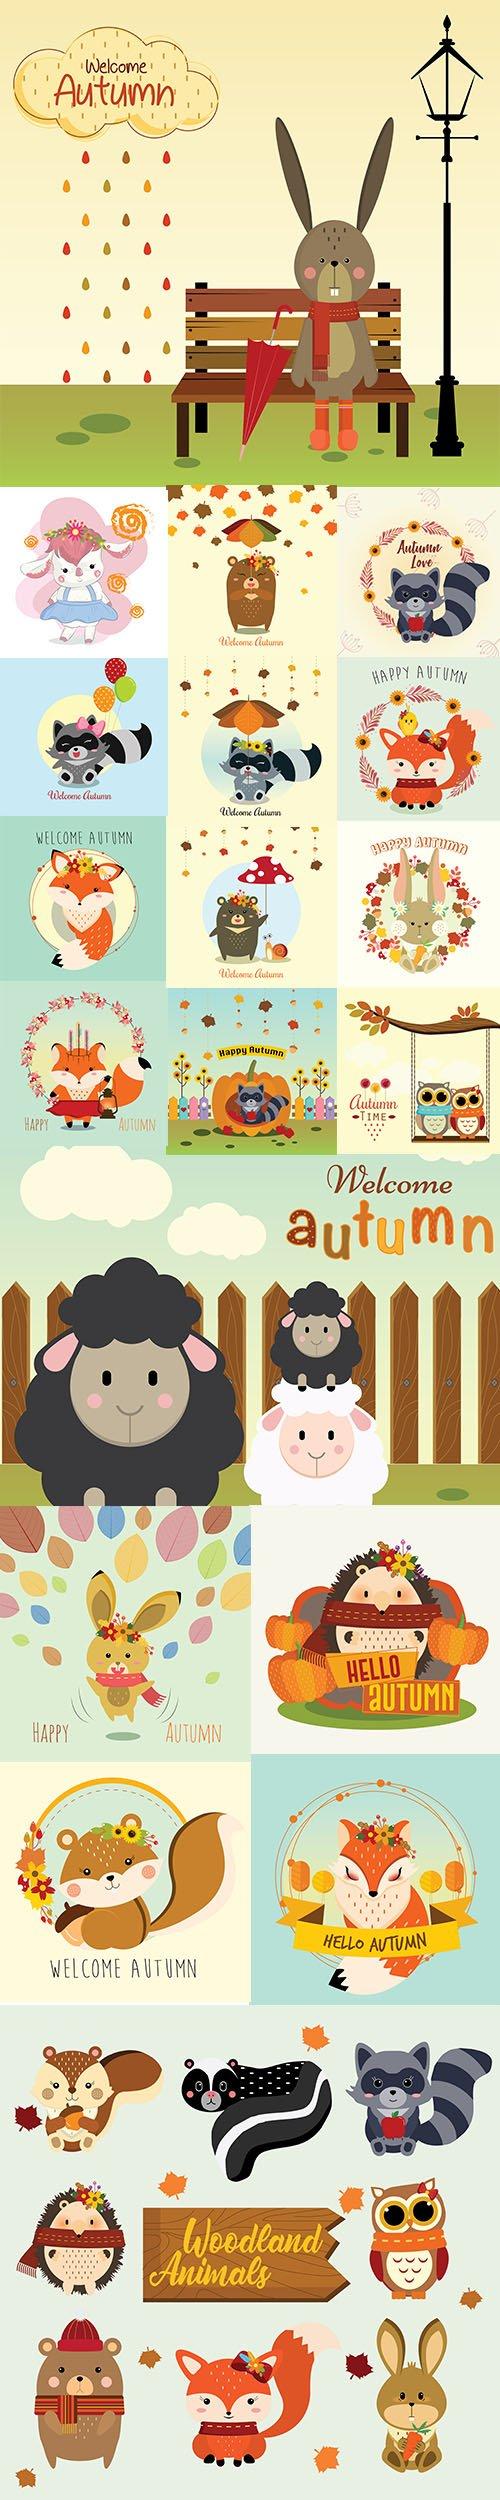 Hello Autumn Illustrations 5